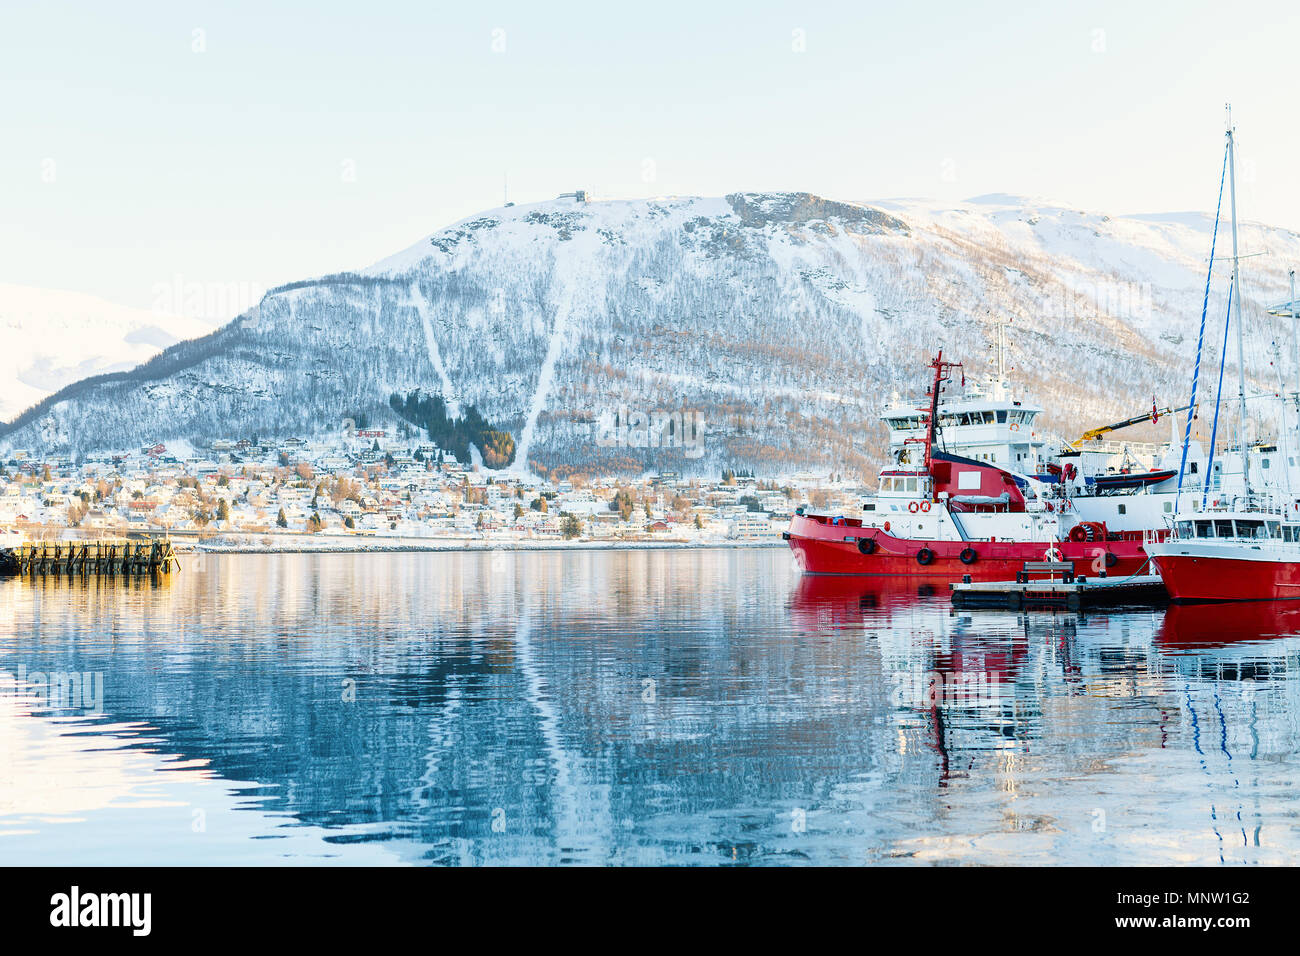 Incantevole paesaggio invernale della coperta di neve città Tromso in Norvegia settentrionale Immagini Stock